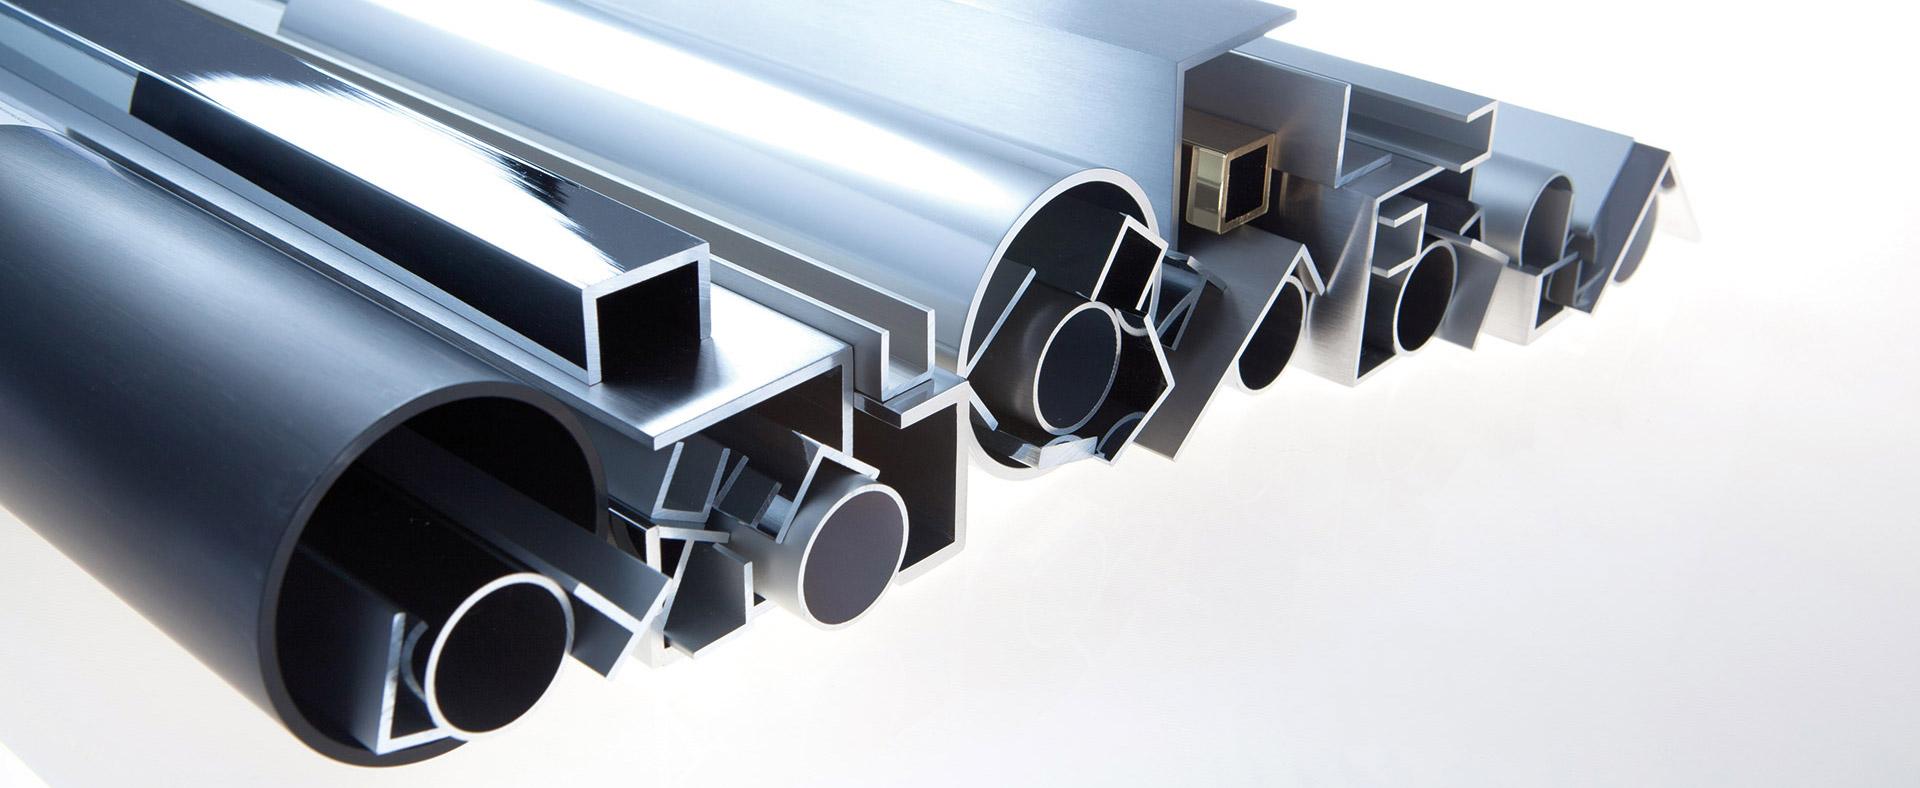 Aluprofil Standard Beim Hersteller Mwm Design Kaufen